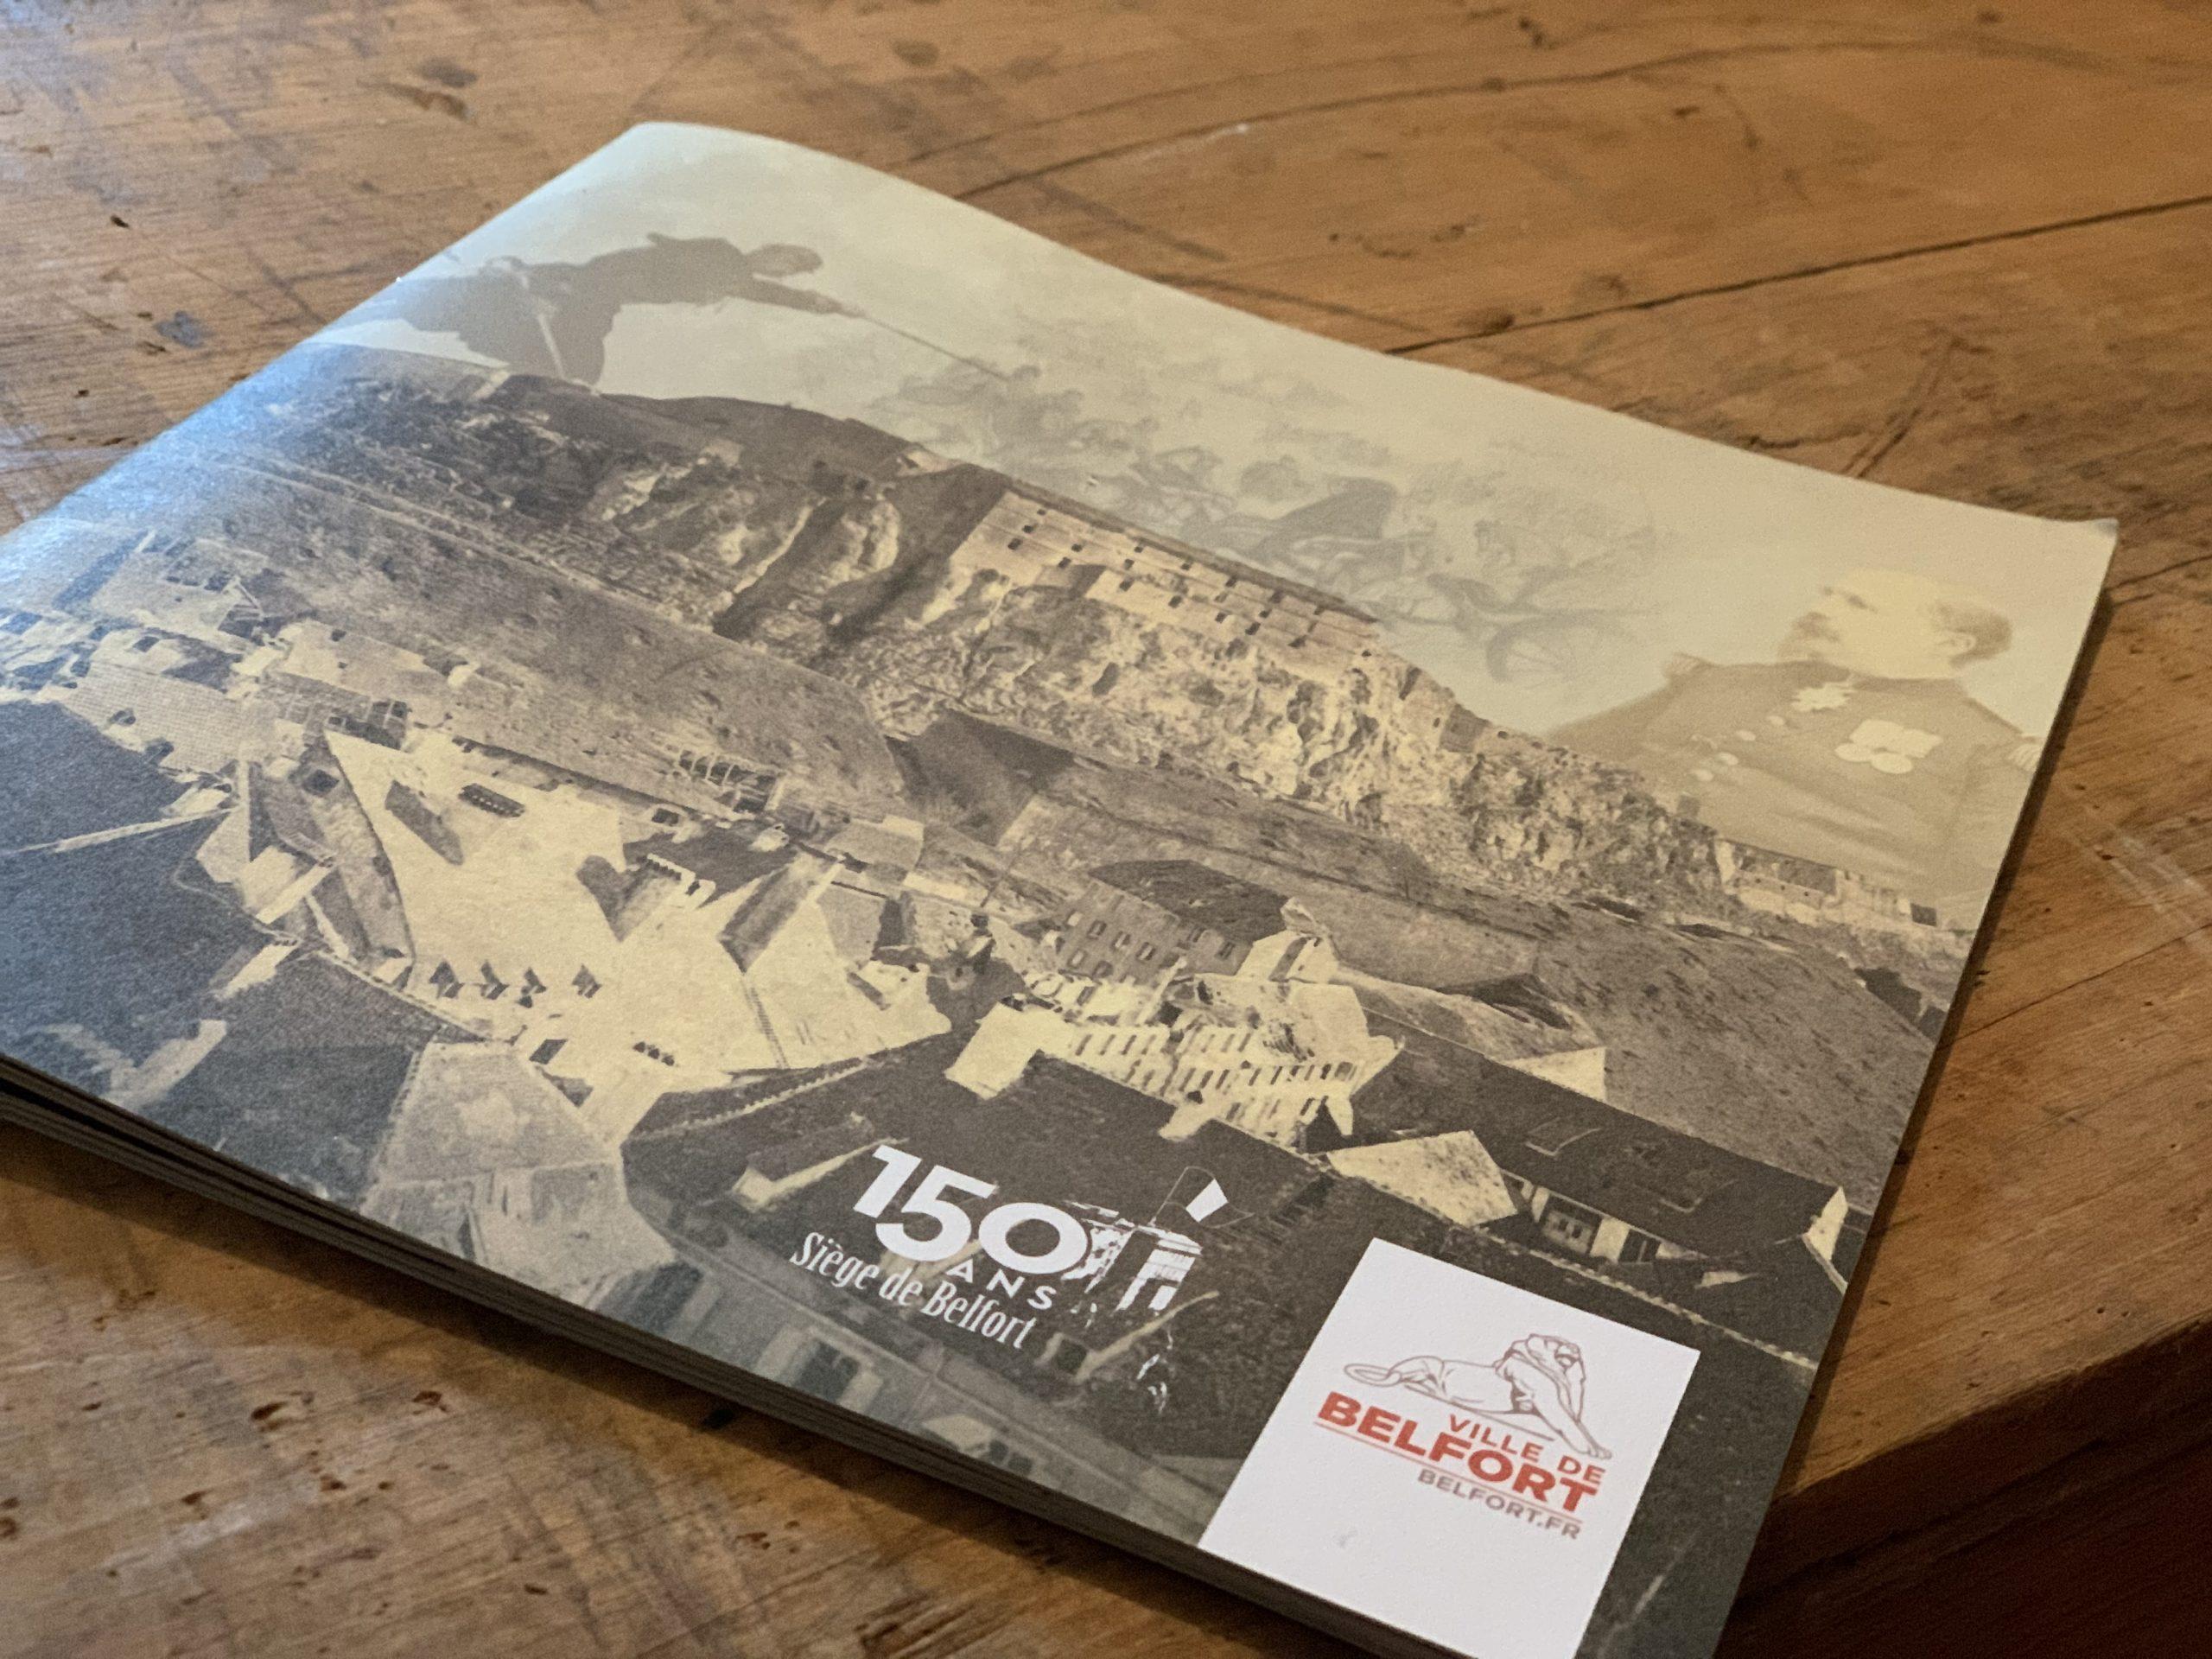 Pour commémorer le siège de 1870-1871, les acteurs culturels de Belfort éditent une brochure retraçant le siège et organisent une série d'évènements.